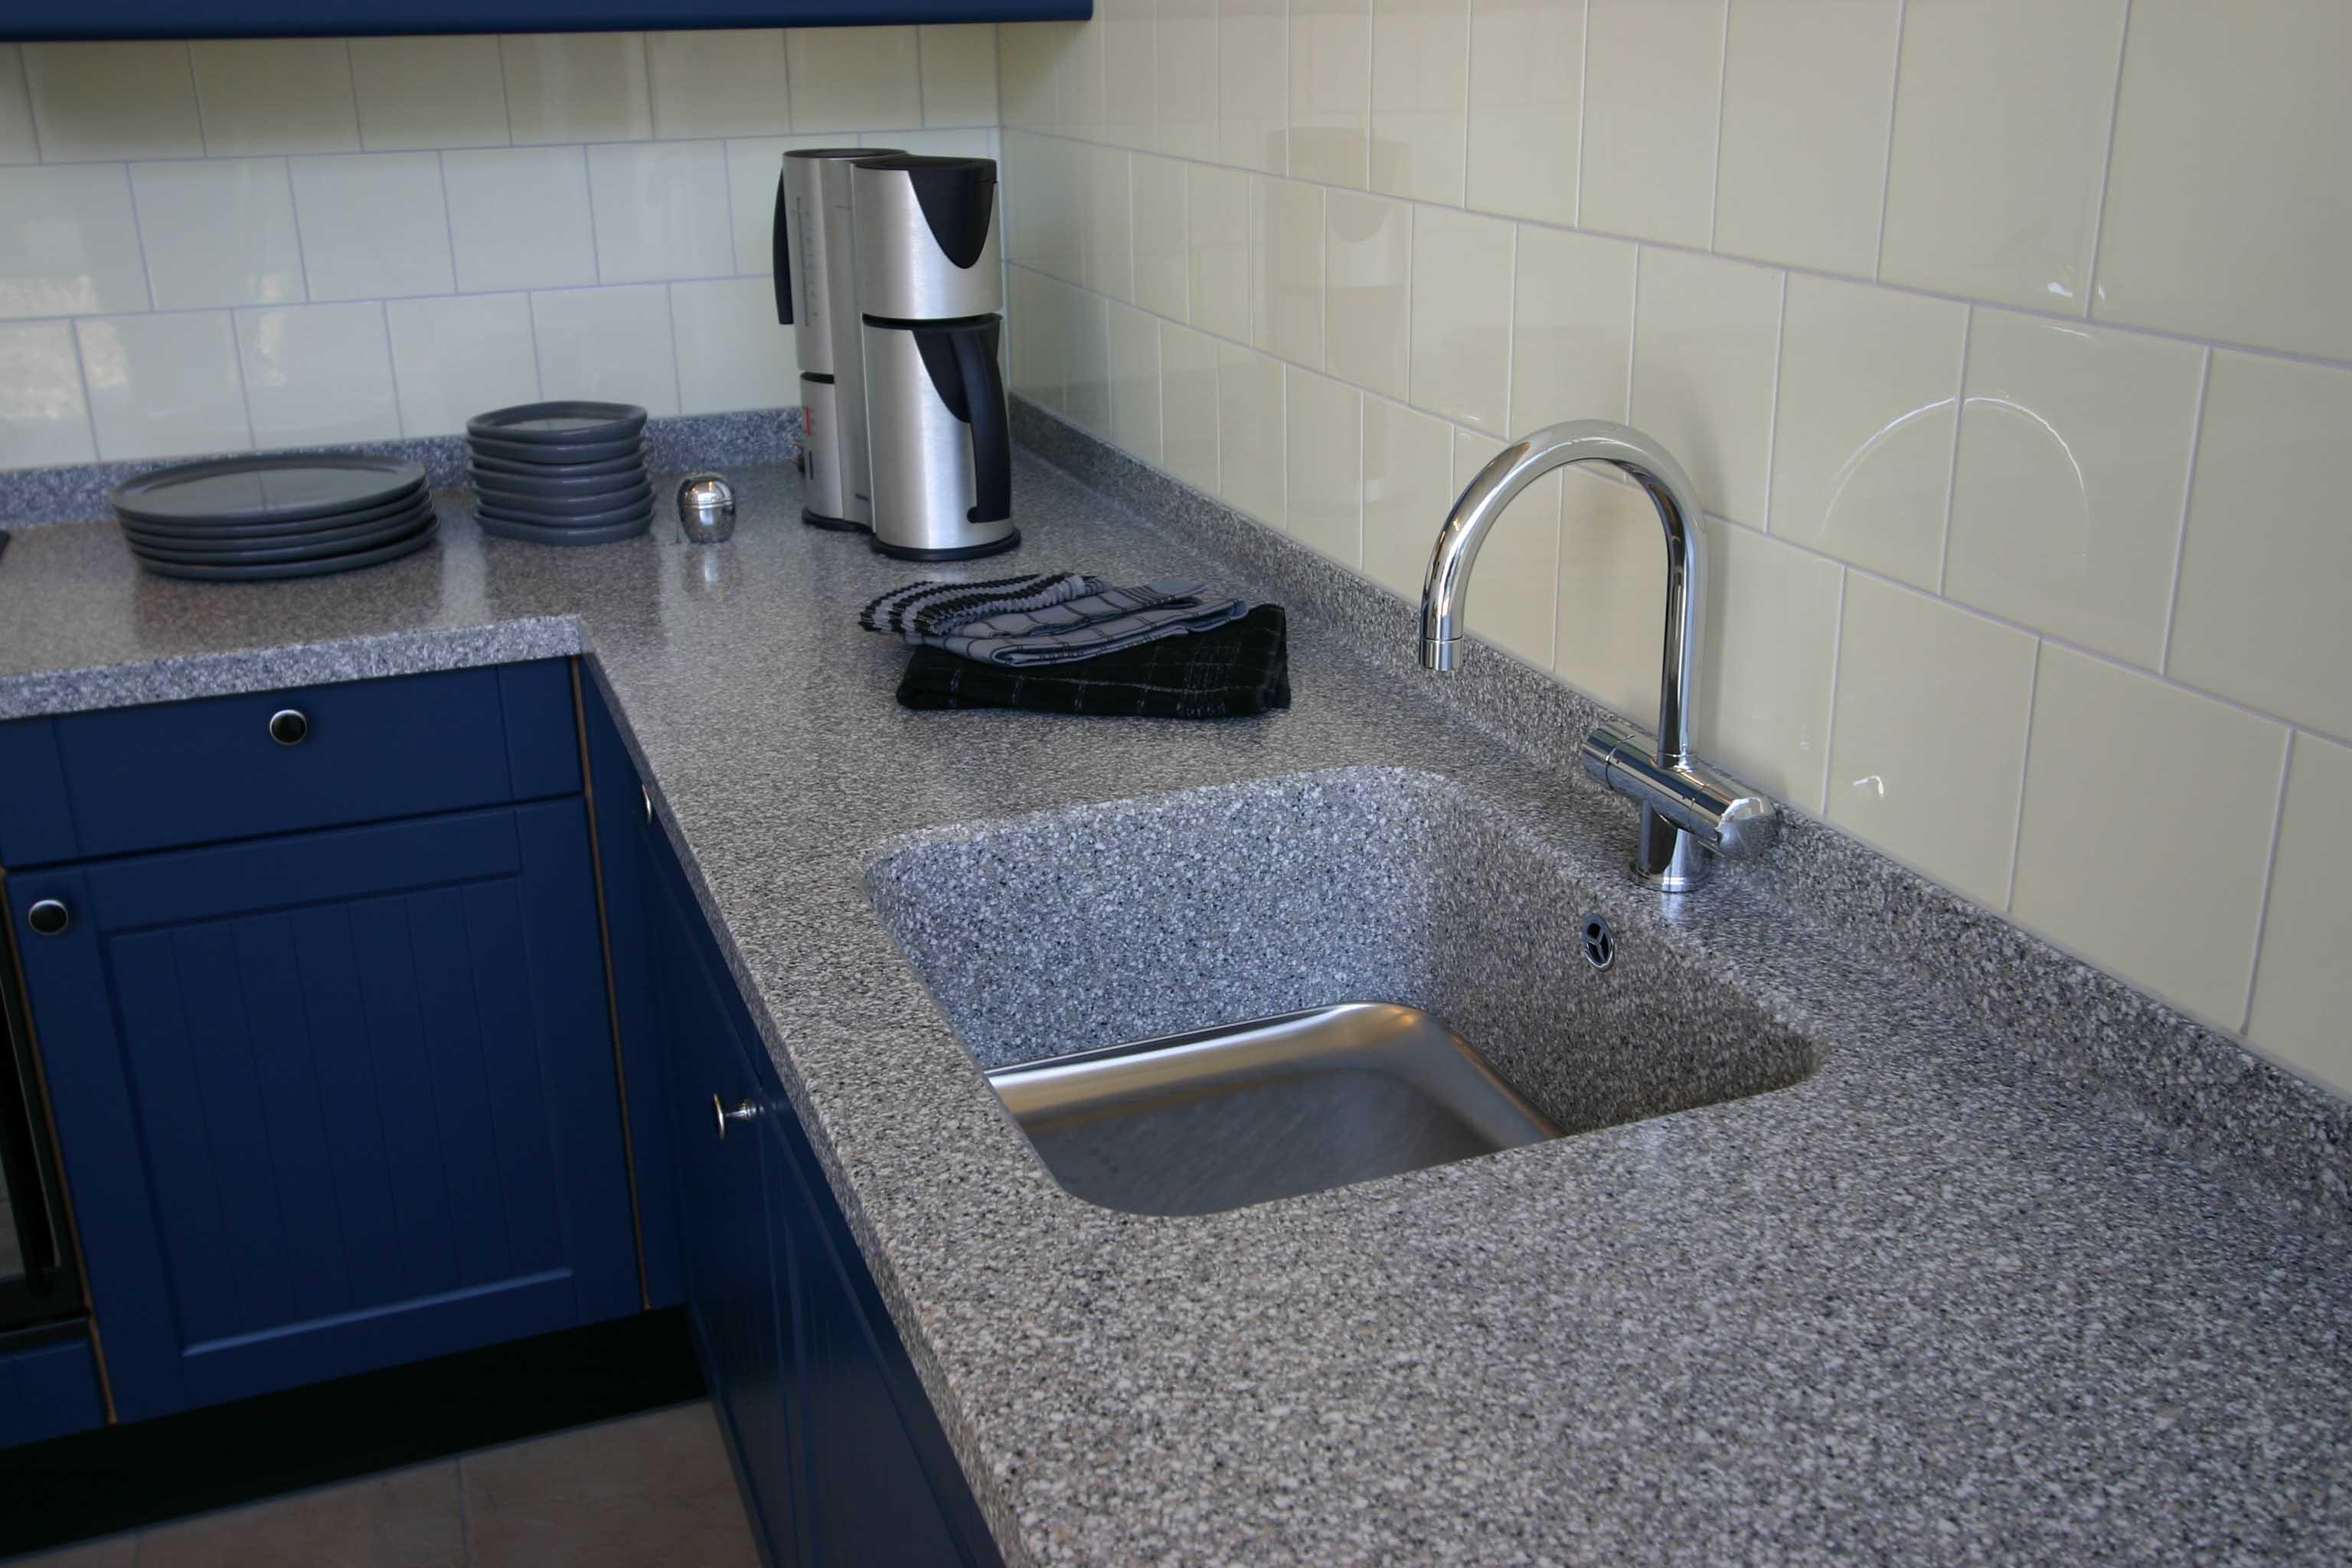 Keukenblad vervangen intereno keukenrenovatie